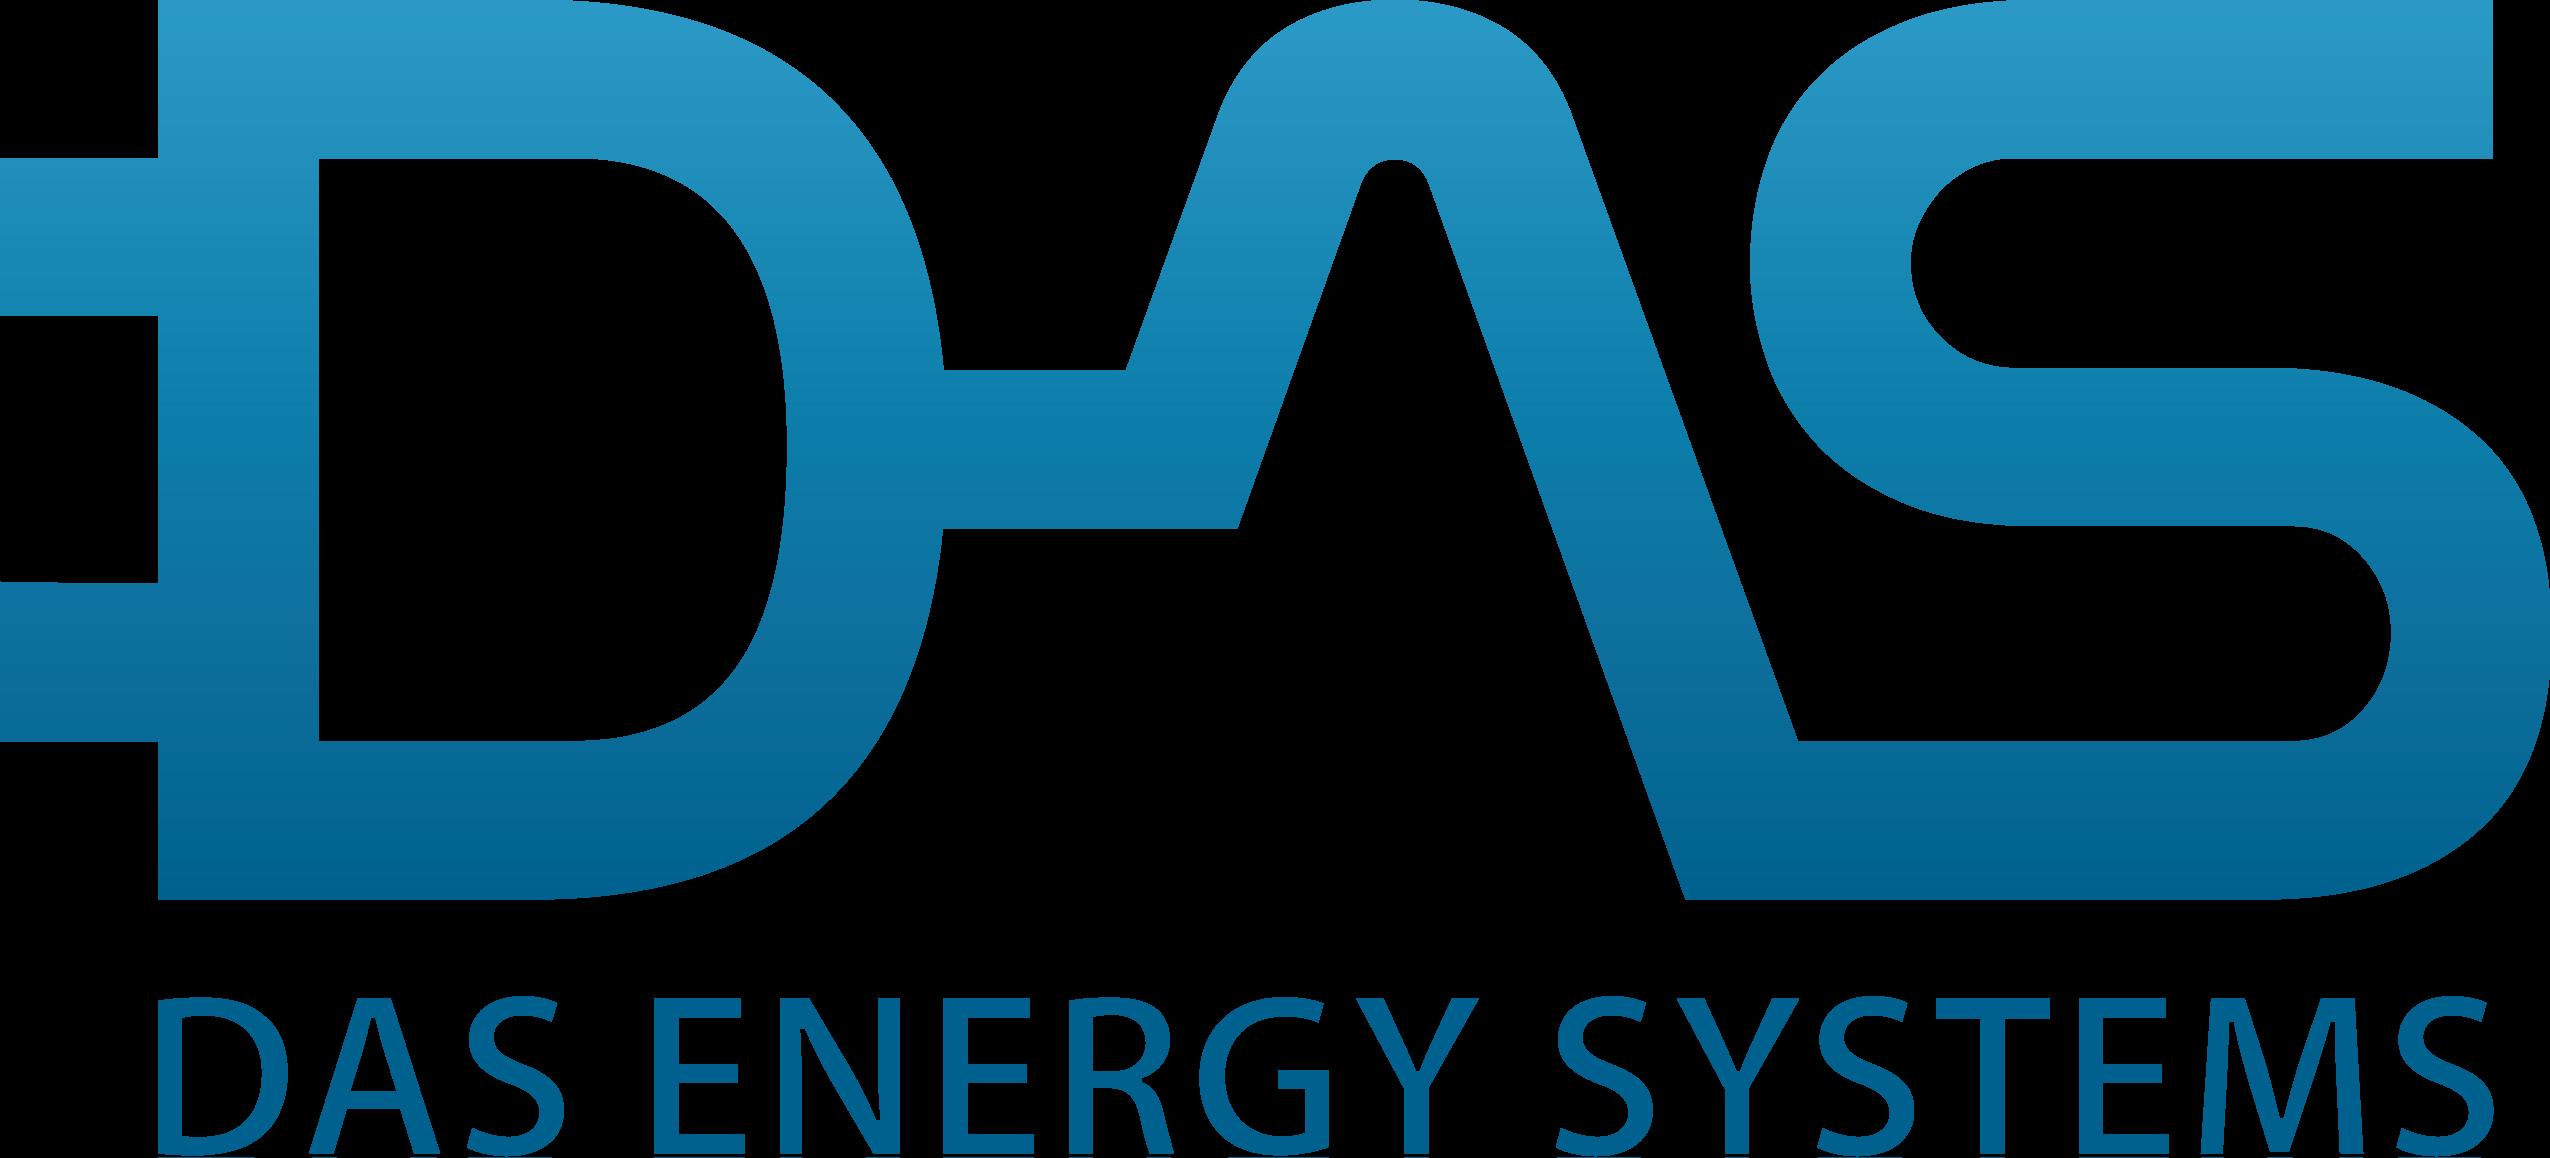 DAS Energy